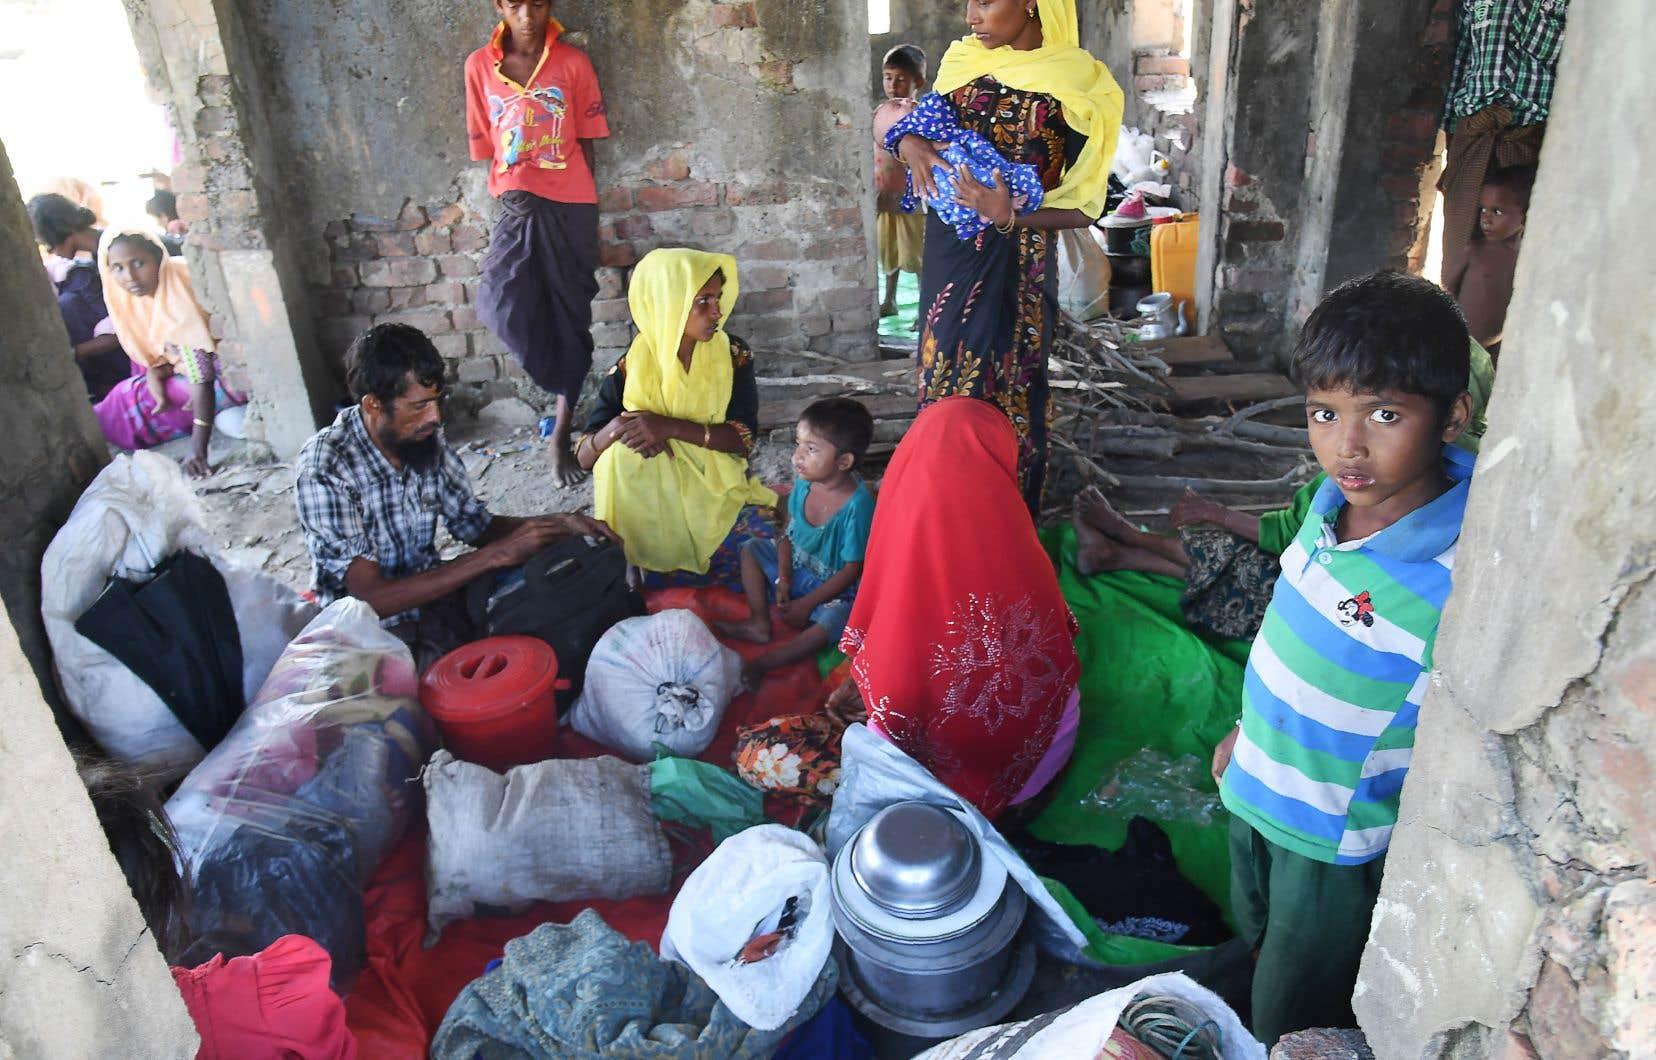 Les enfants représentent plus de la moitié des récentes arrivées de Rohingyas au Bangladesh.